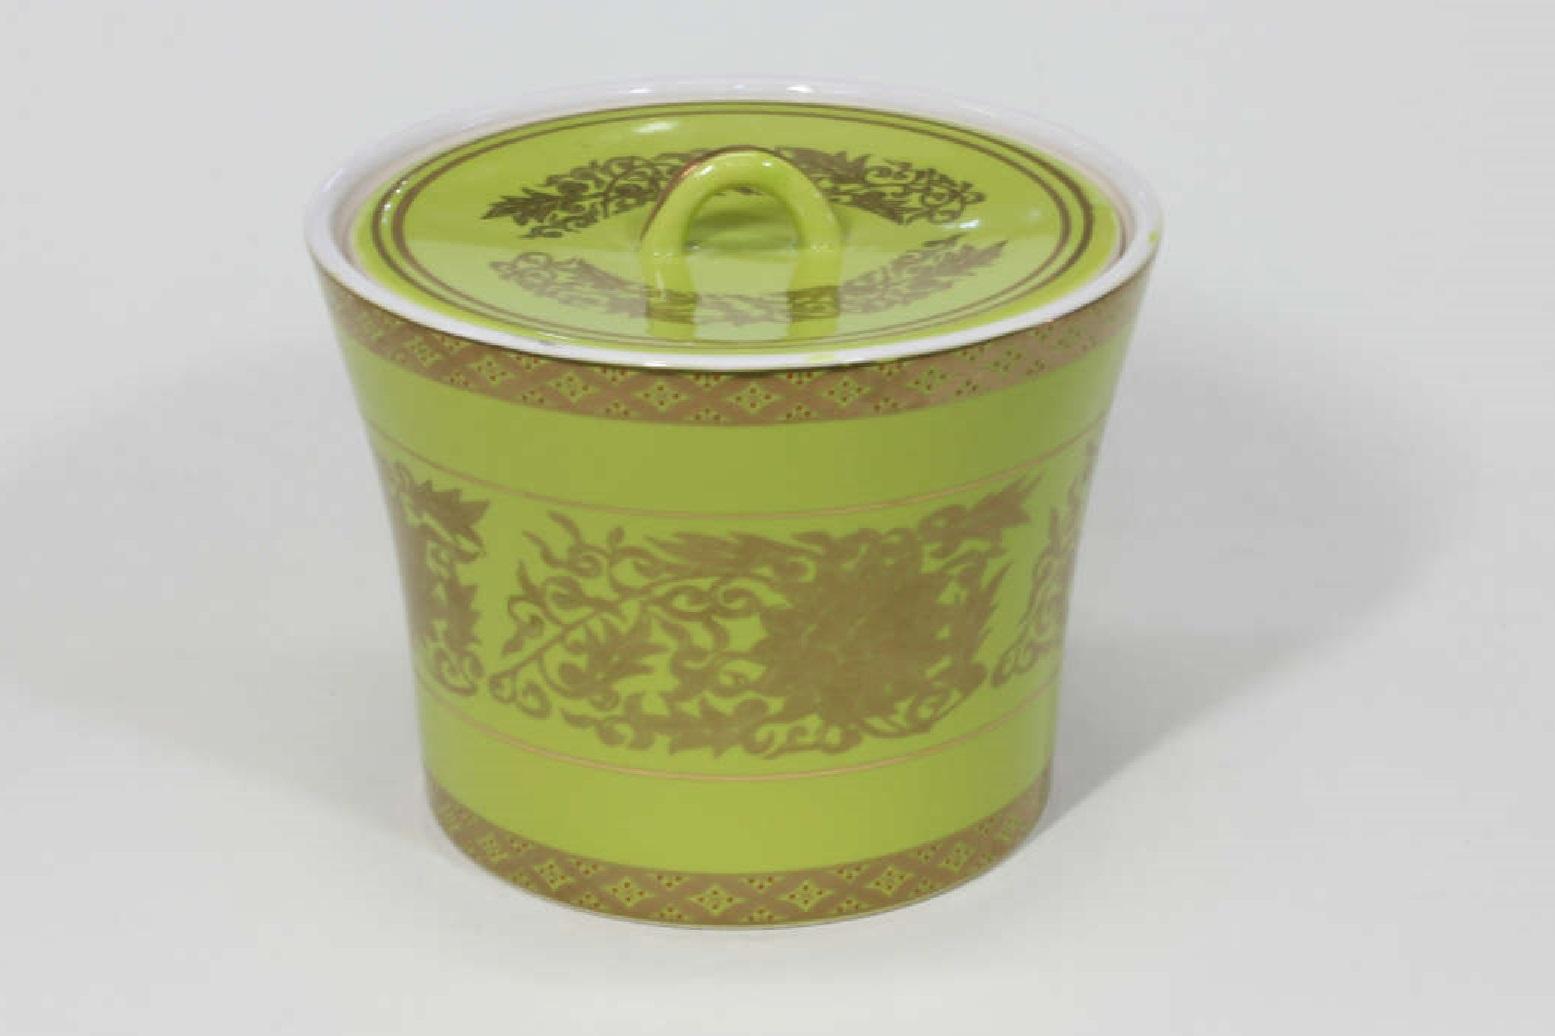 【茶道具/水指】 萌黄金襴手水指 瑞豊 木箱入り